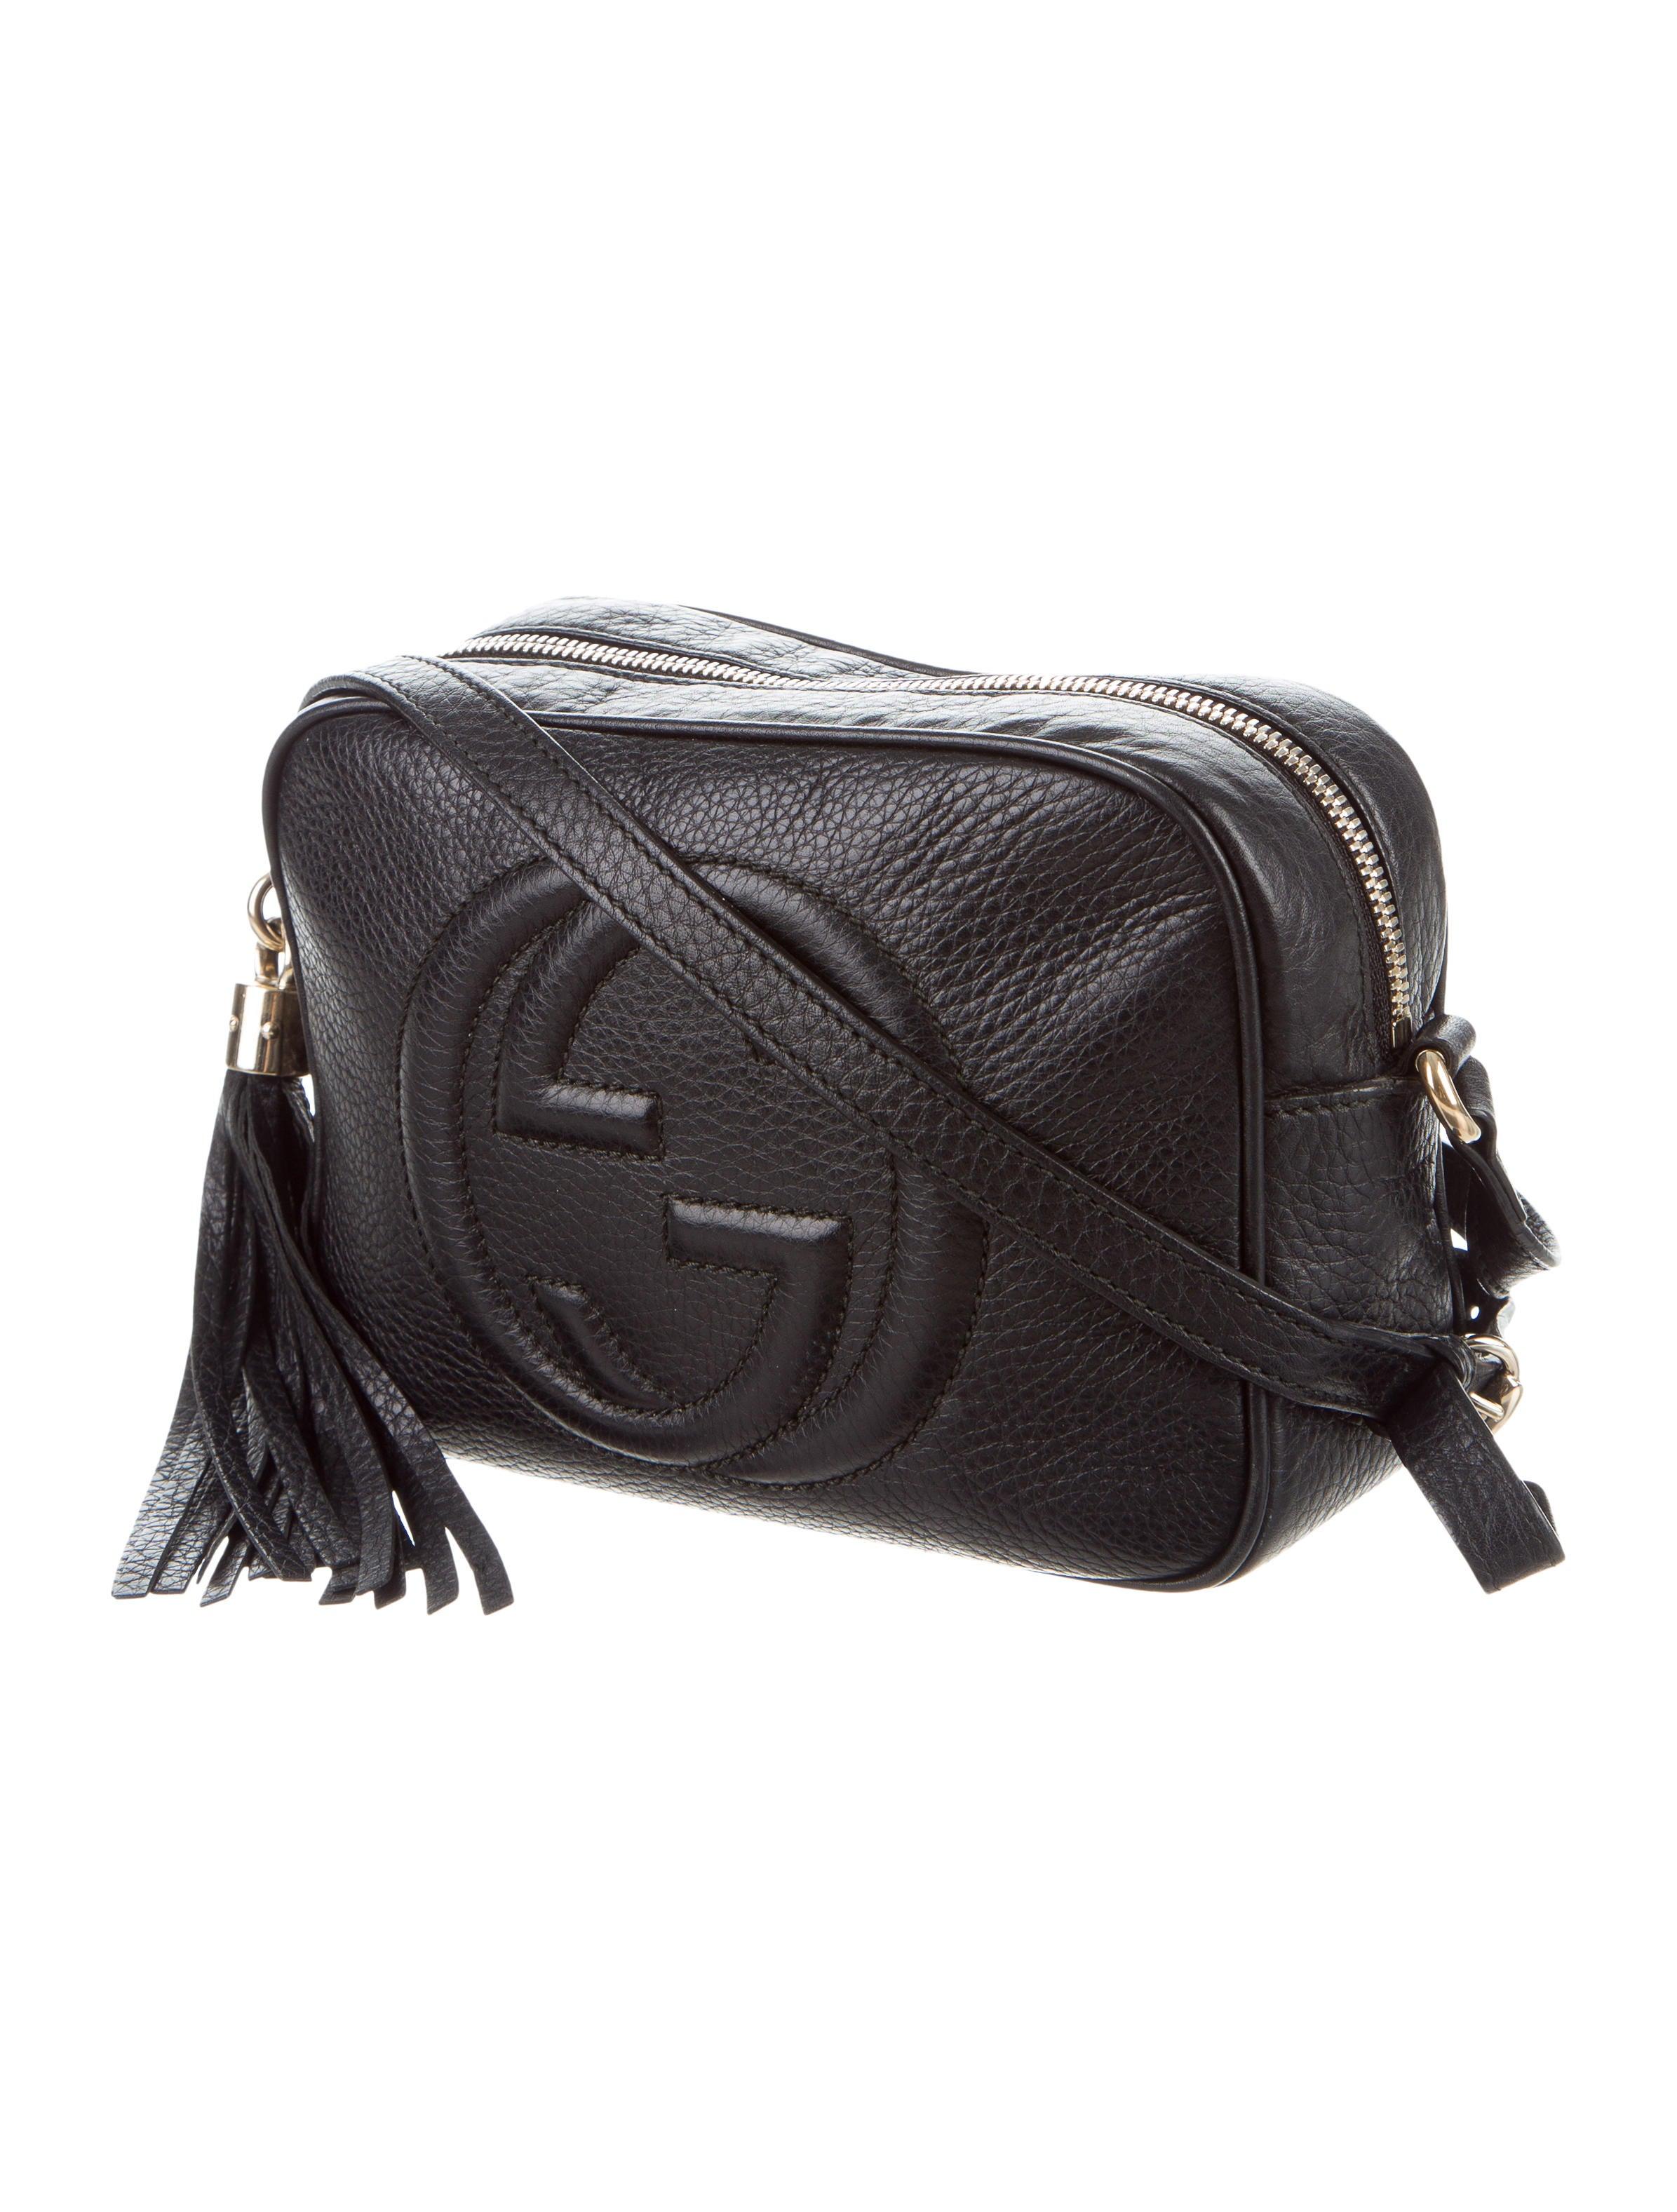 Contemporary Accessories Home Decor Gucci Soho Disco Crossbody Bag Handbags Guc139343